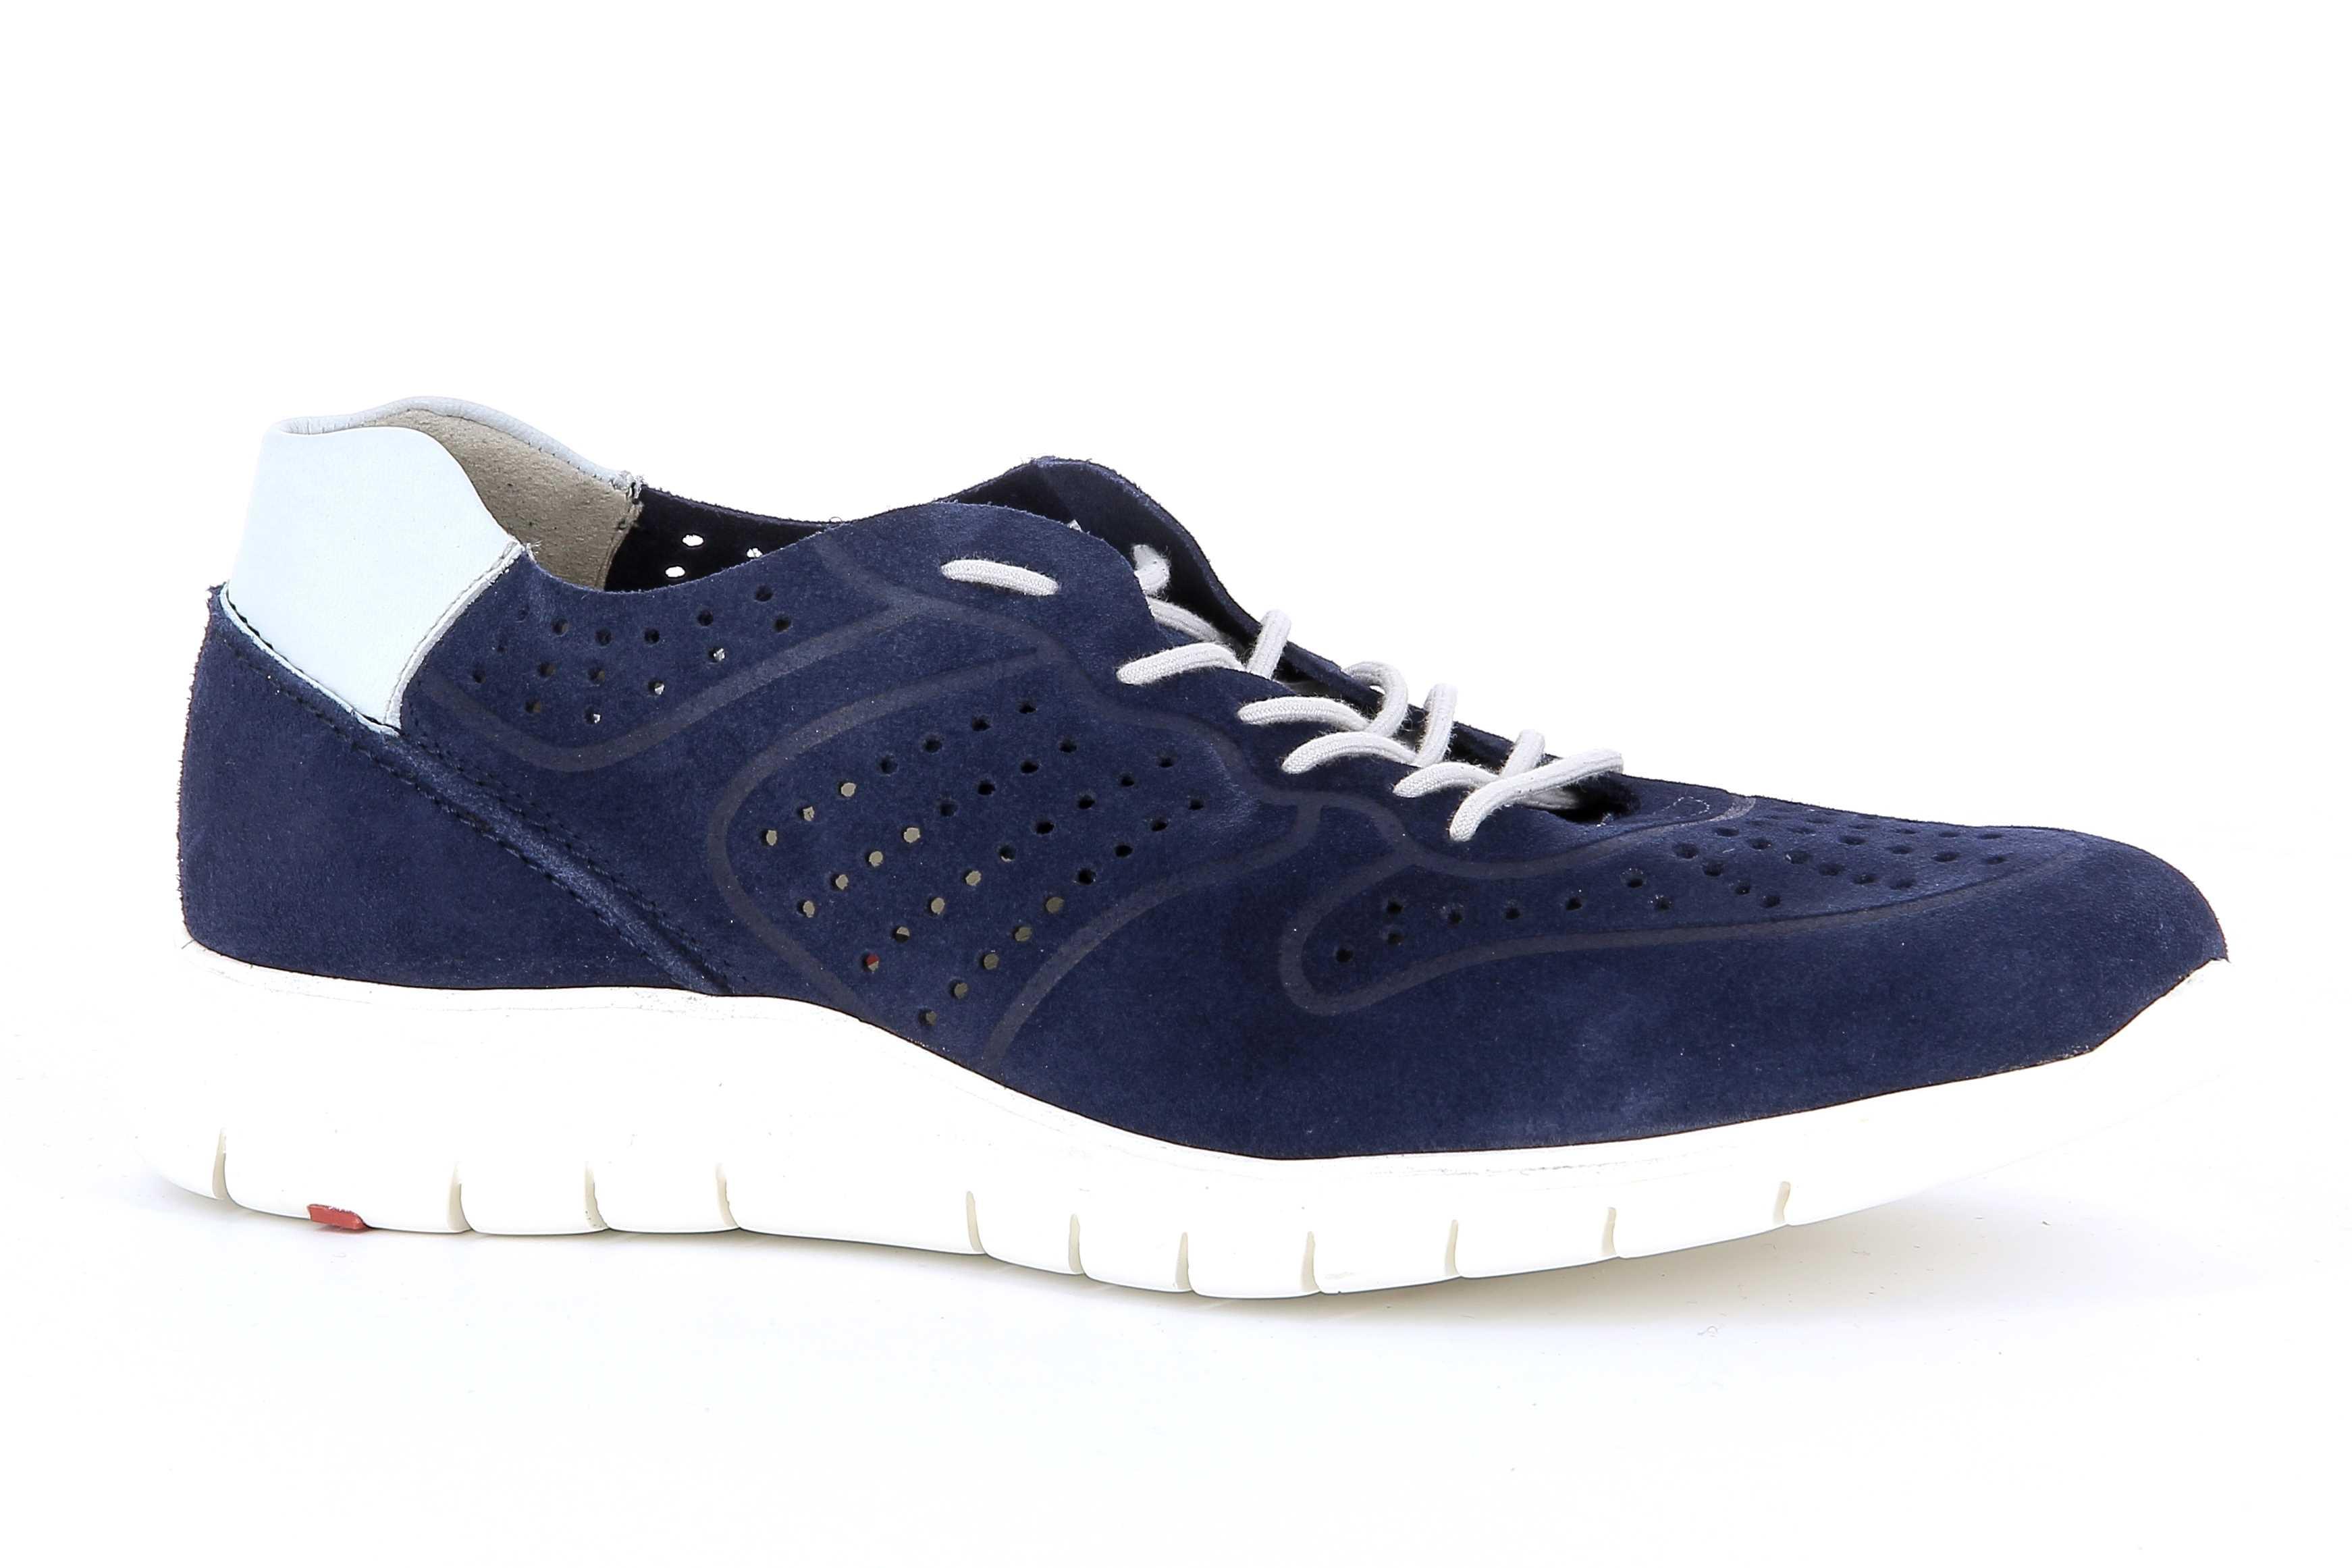 Lacets D exception Chaussures Homme Modèle Aldo Shop Mephisto Bq1vxwBtE 1a5e8713dad6